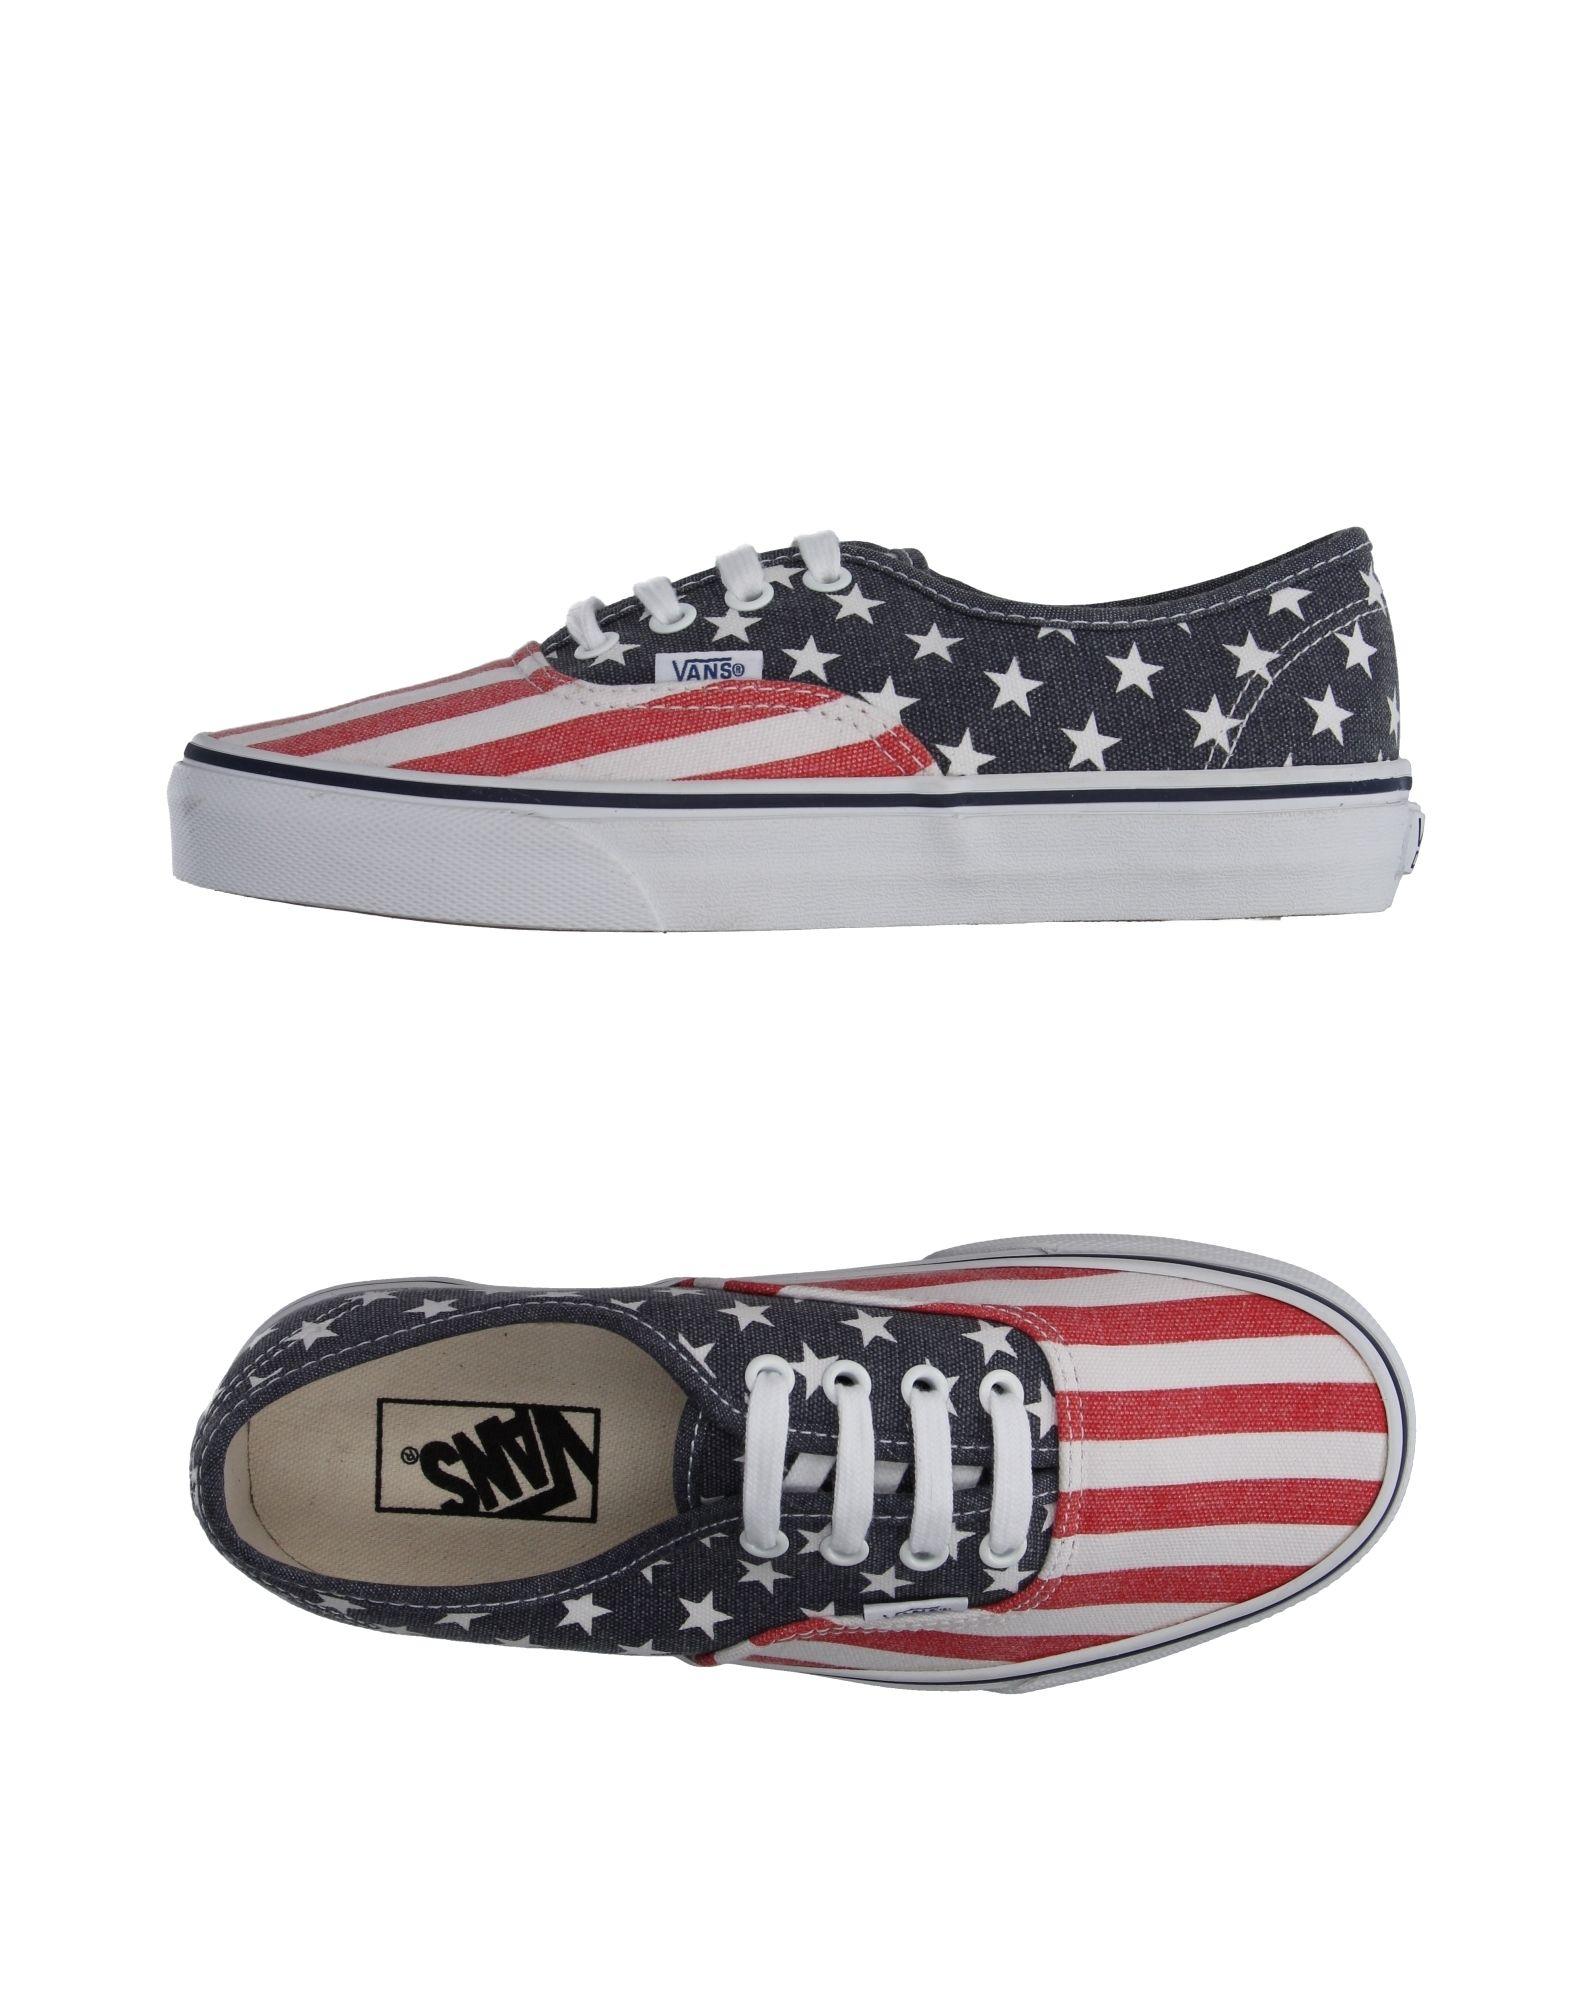 Vans Sneakers Damen  11059296RN Gute Qualität beliebte Schuhe